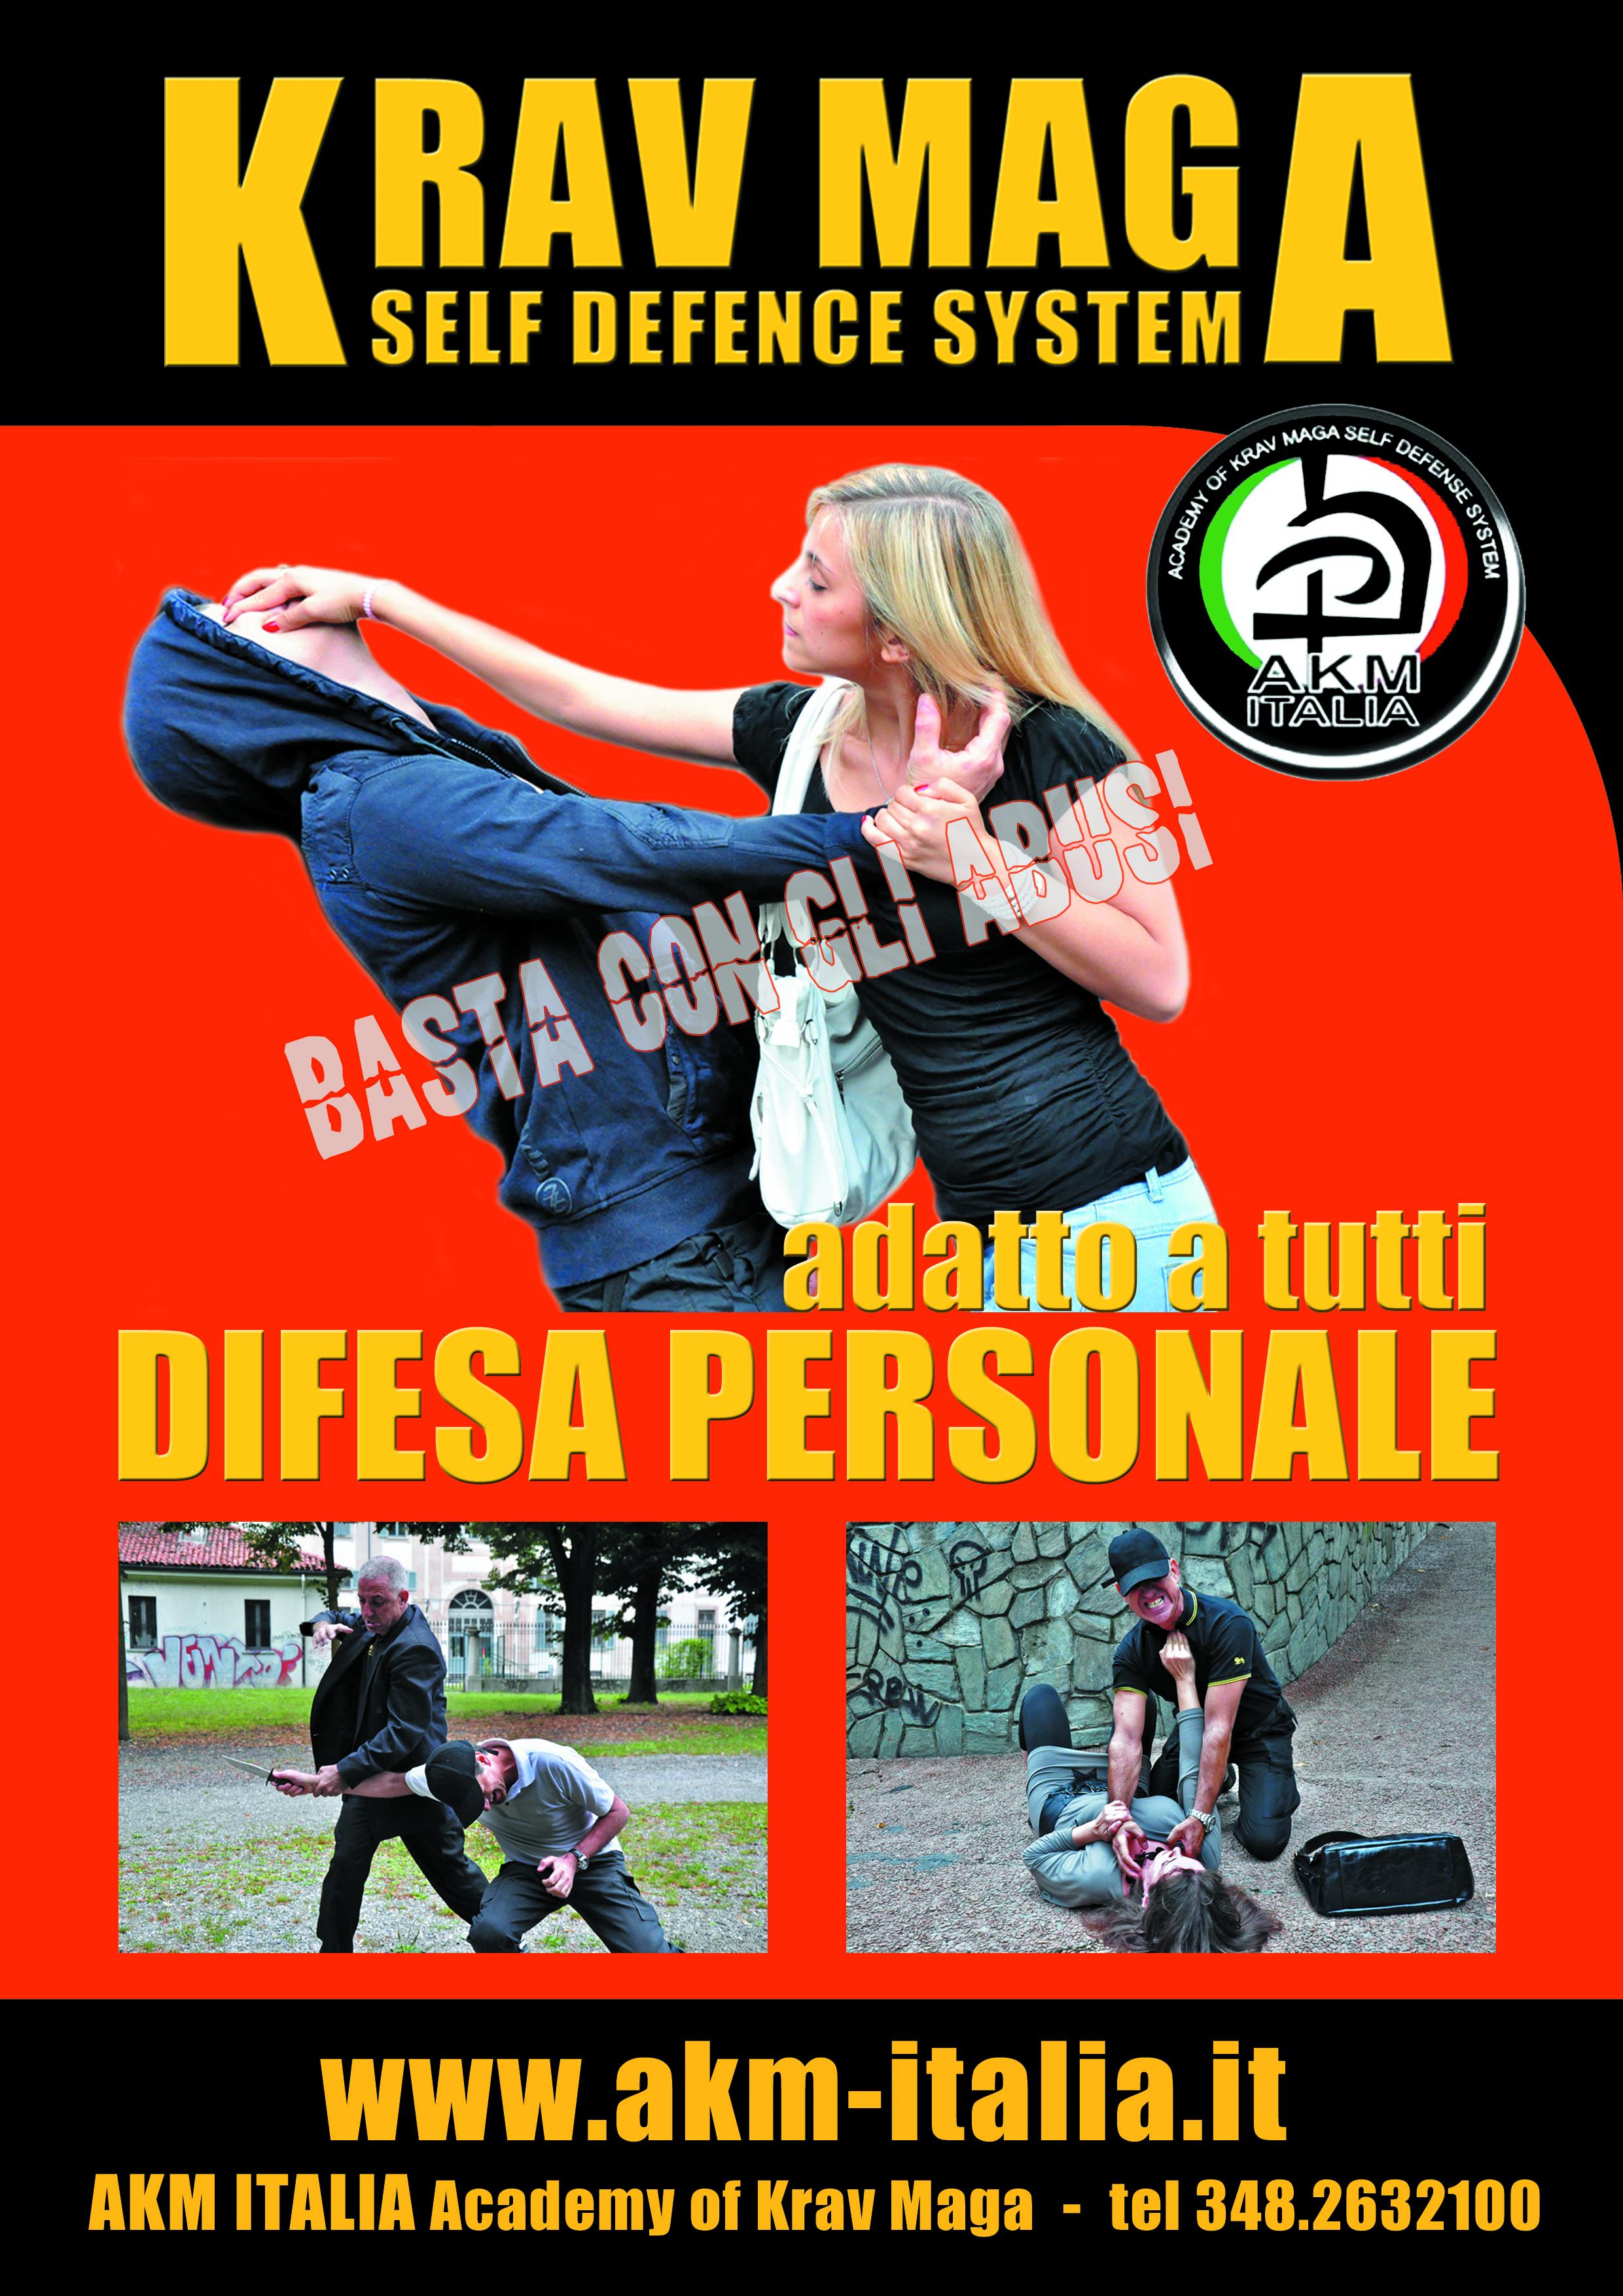 Seconda edizione Progetto AKM ITALIA Antiaggresssione Femminile Metodo Krav Maga